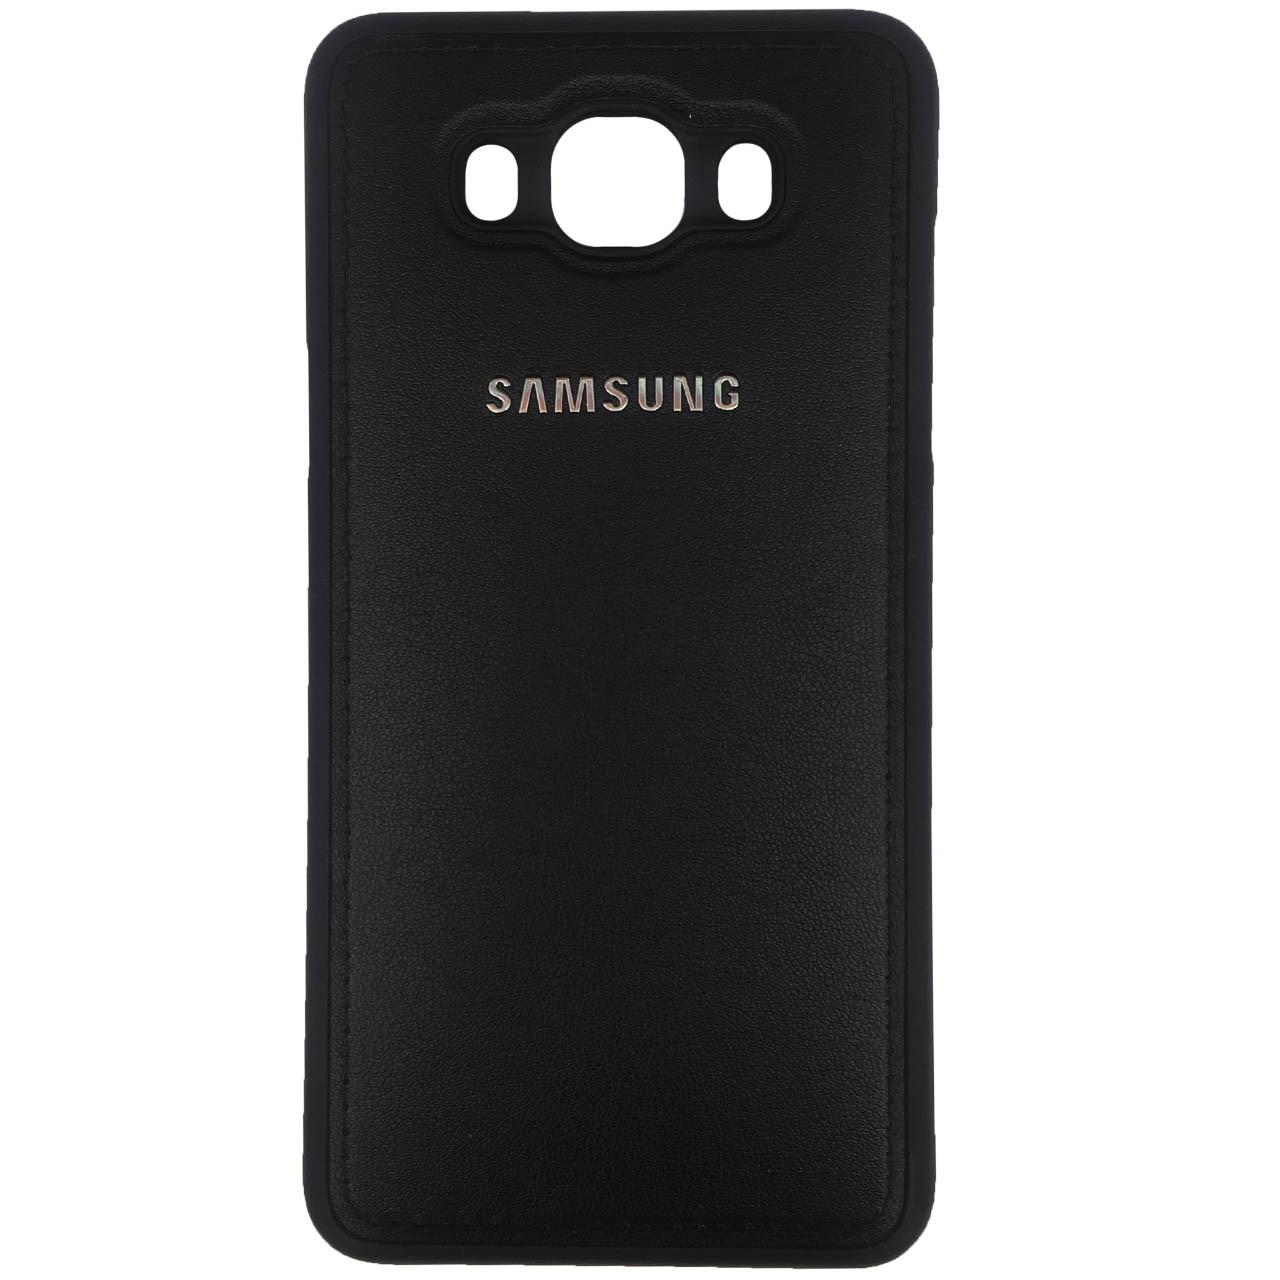 کاور ژله ای طرح چرم مدل مناسب برای گوشی موبایل سامسونگ Galaxy J7 2016/J710